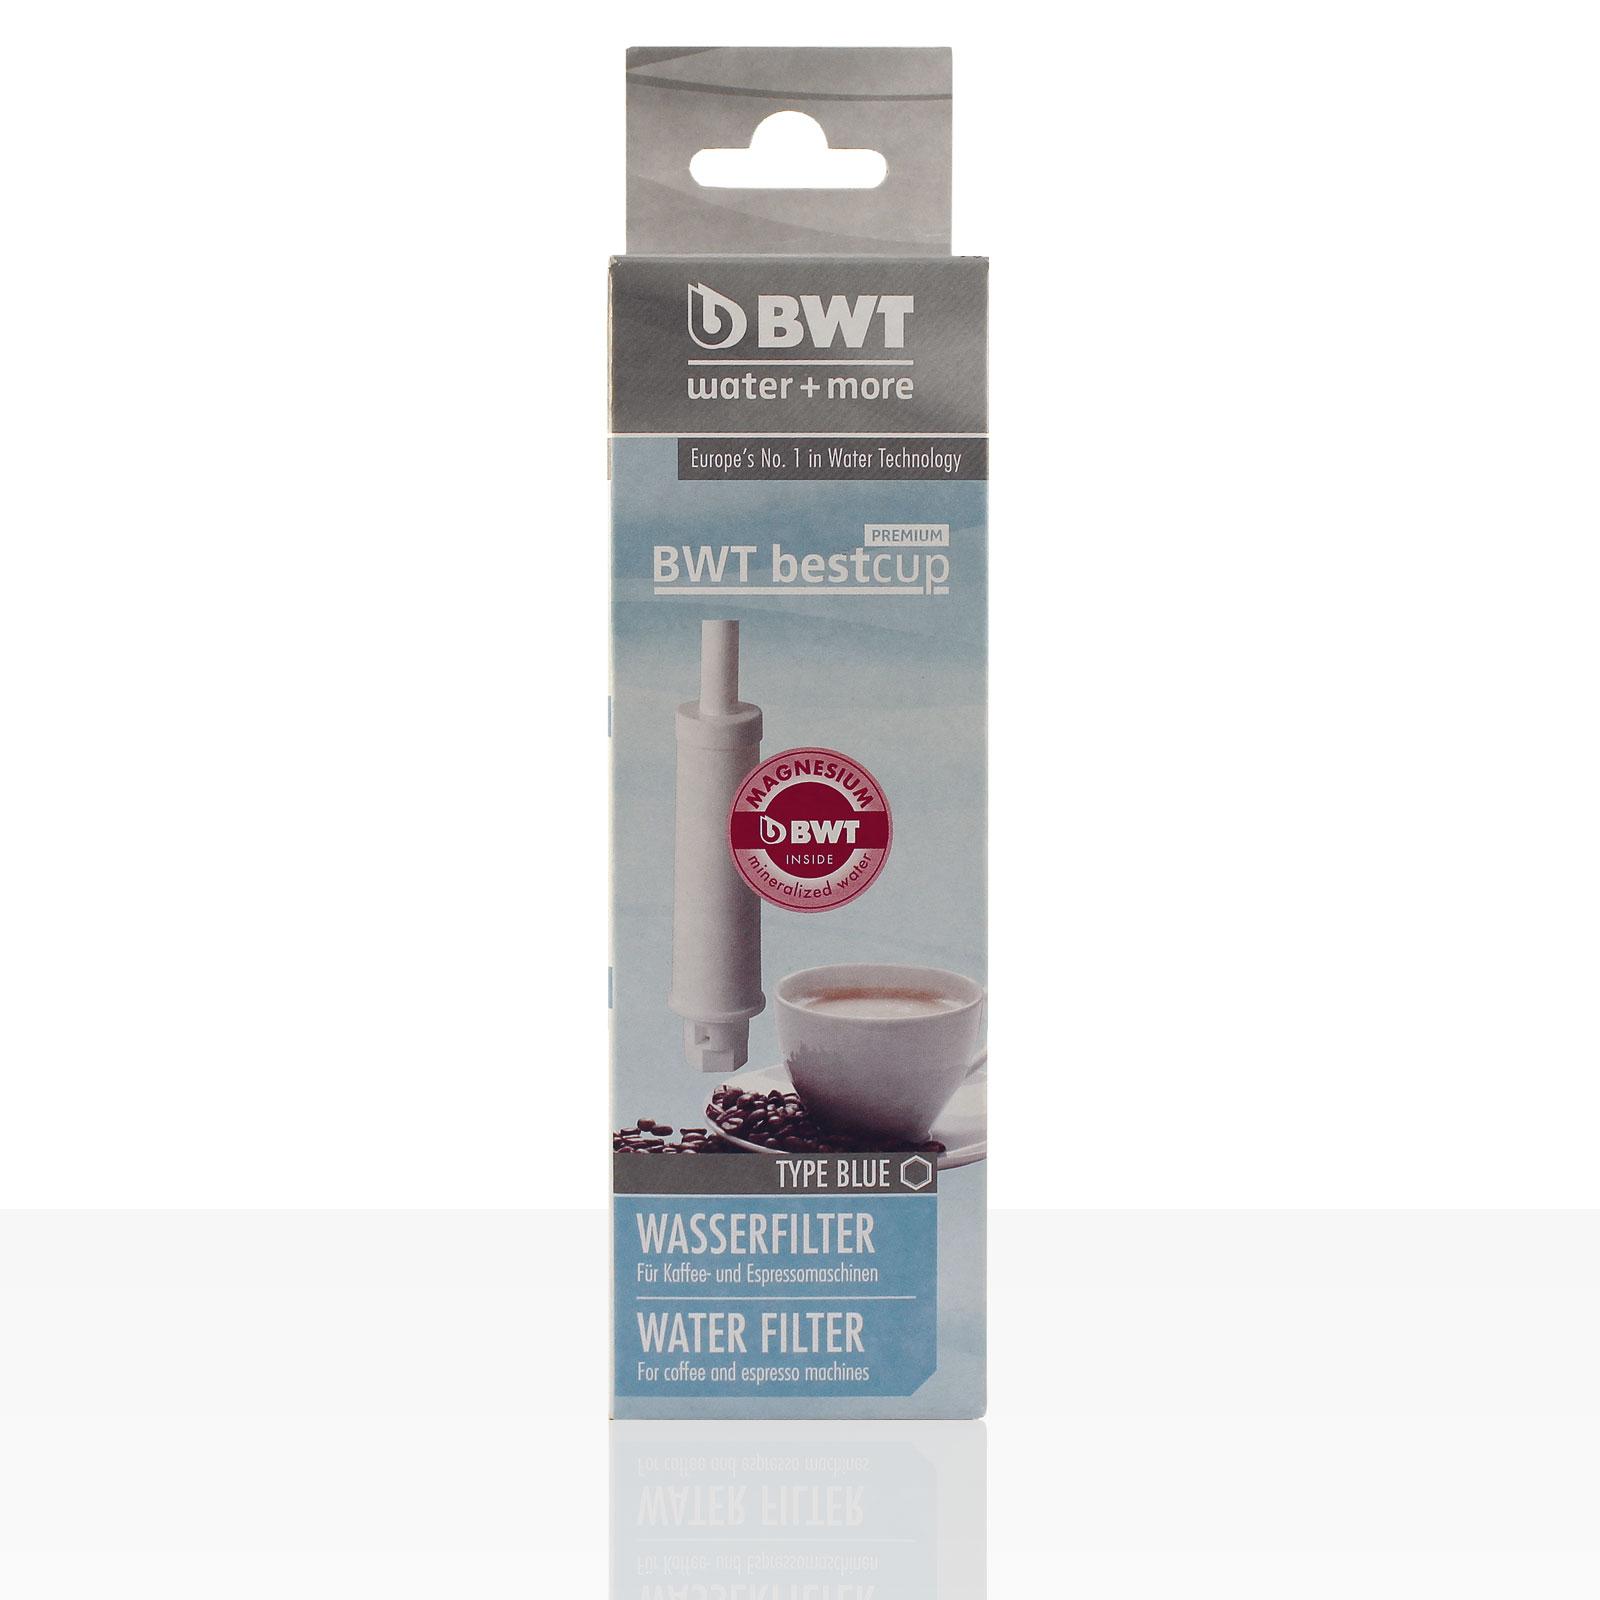 BWT bestcup Premium BLUE Wasser-Filter für den Wassertank